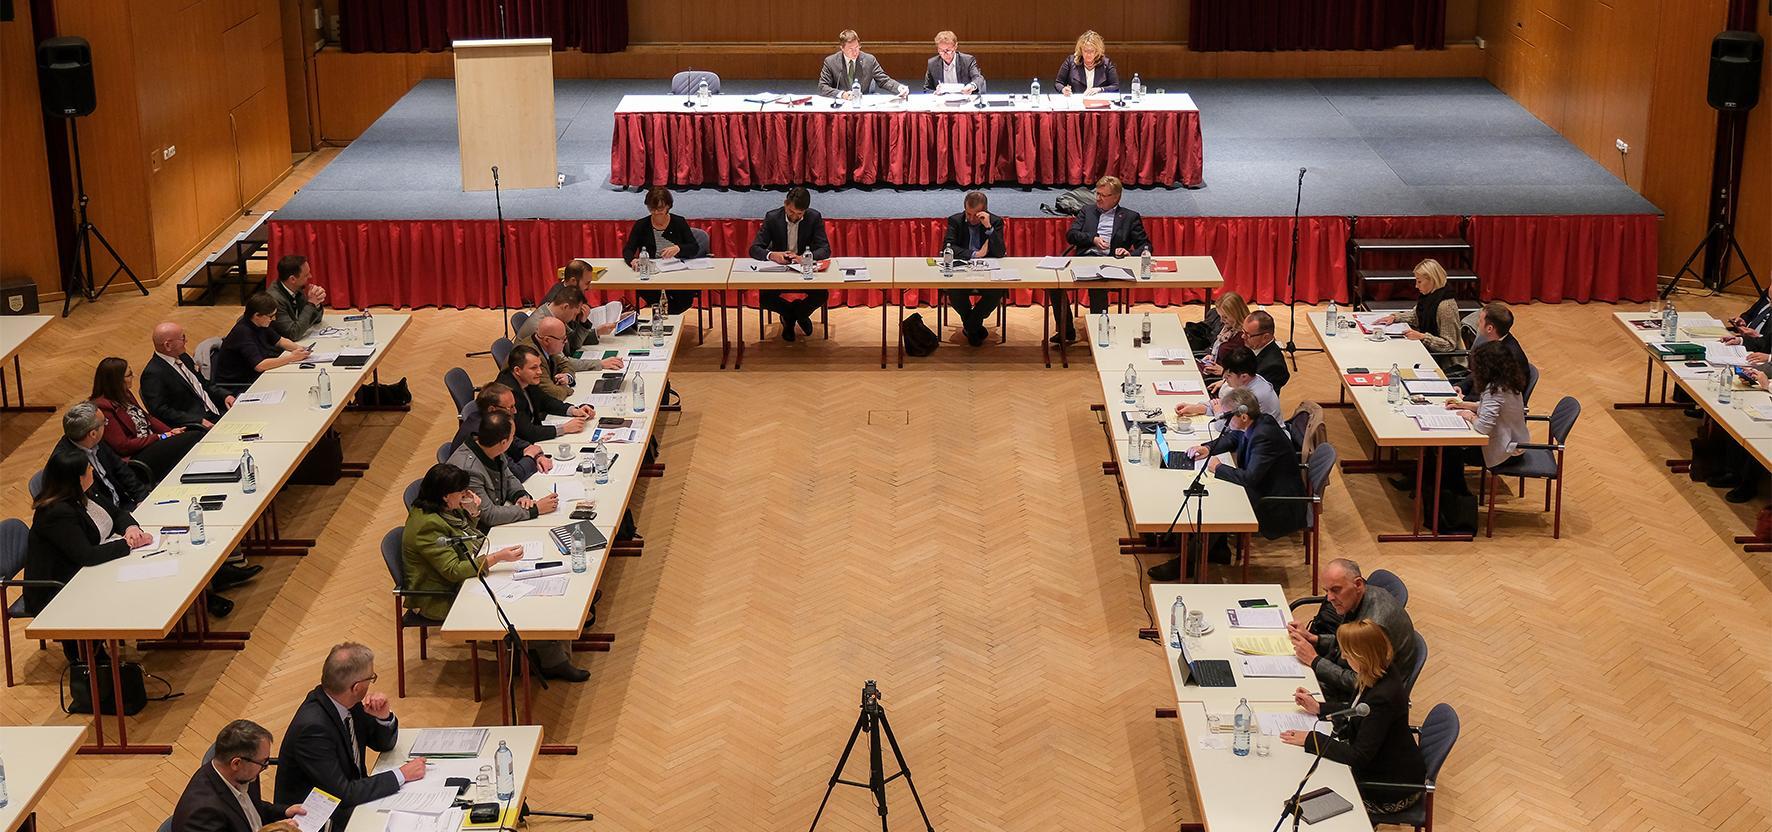 Bild des Gemeinderates der Stadt Wels bei einer Sitzung